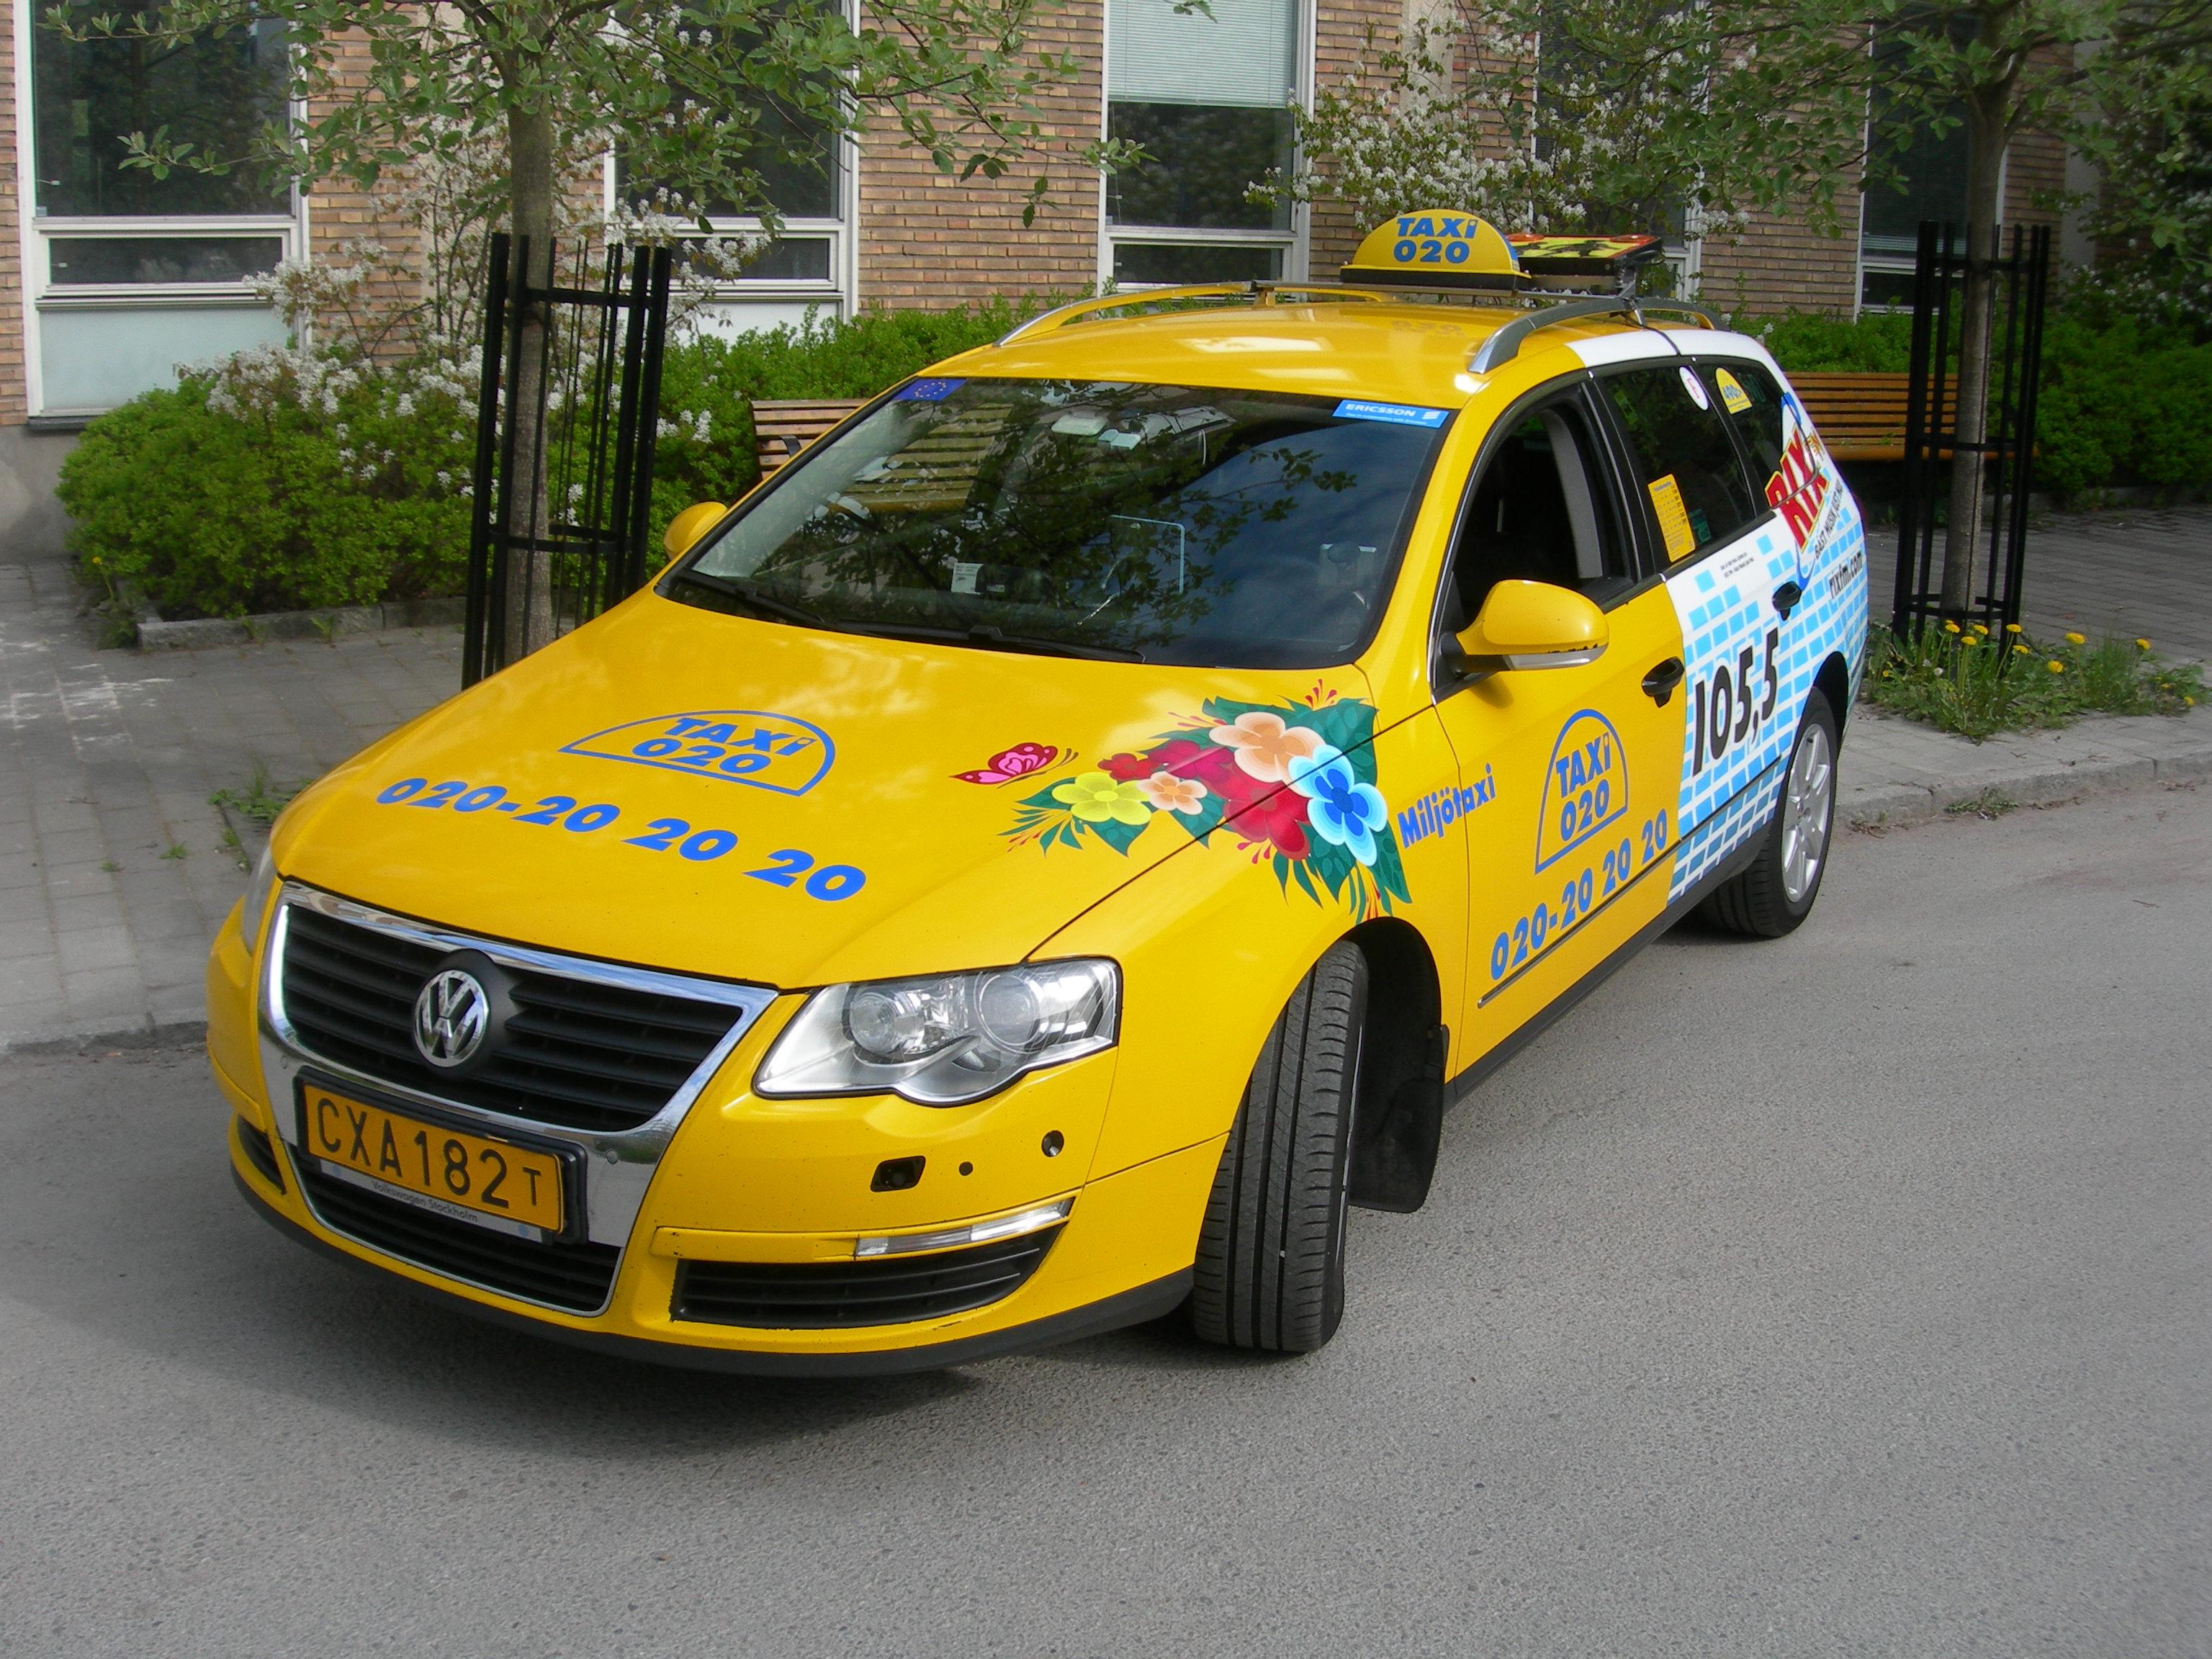 020 taxi